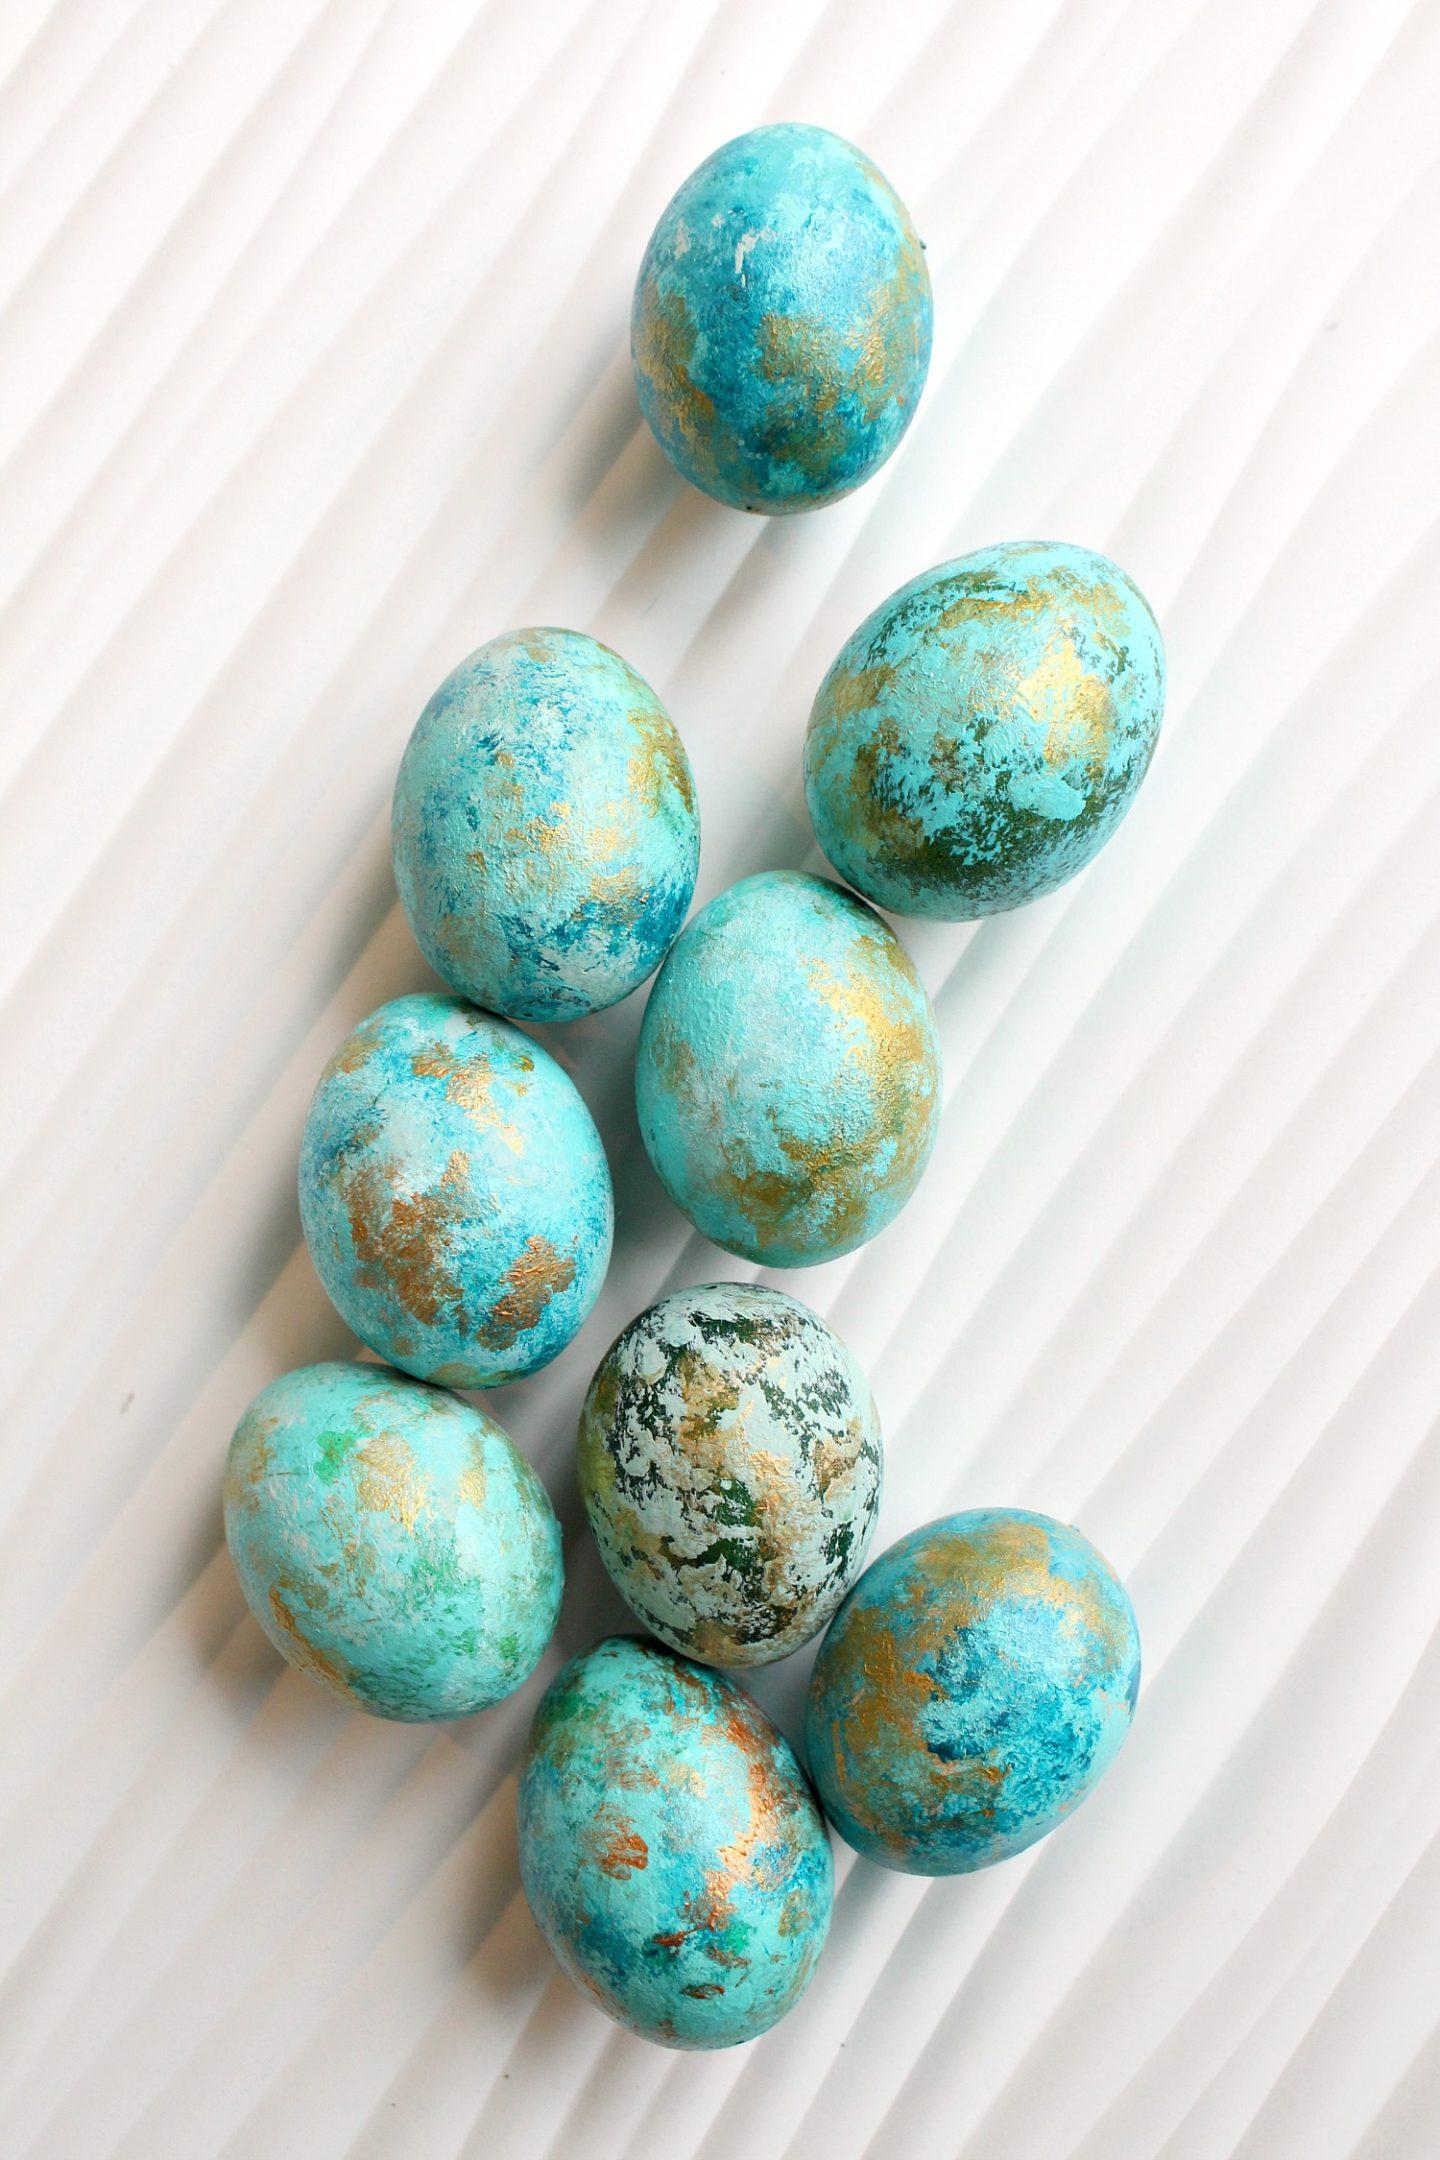 Painted Easter Eggs Look Like Gemstones